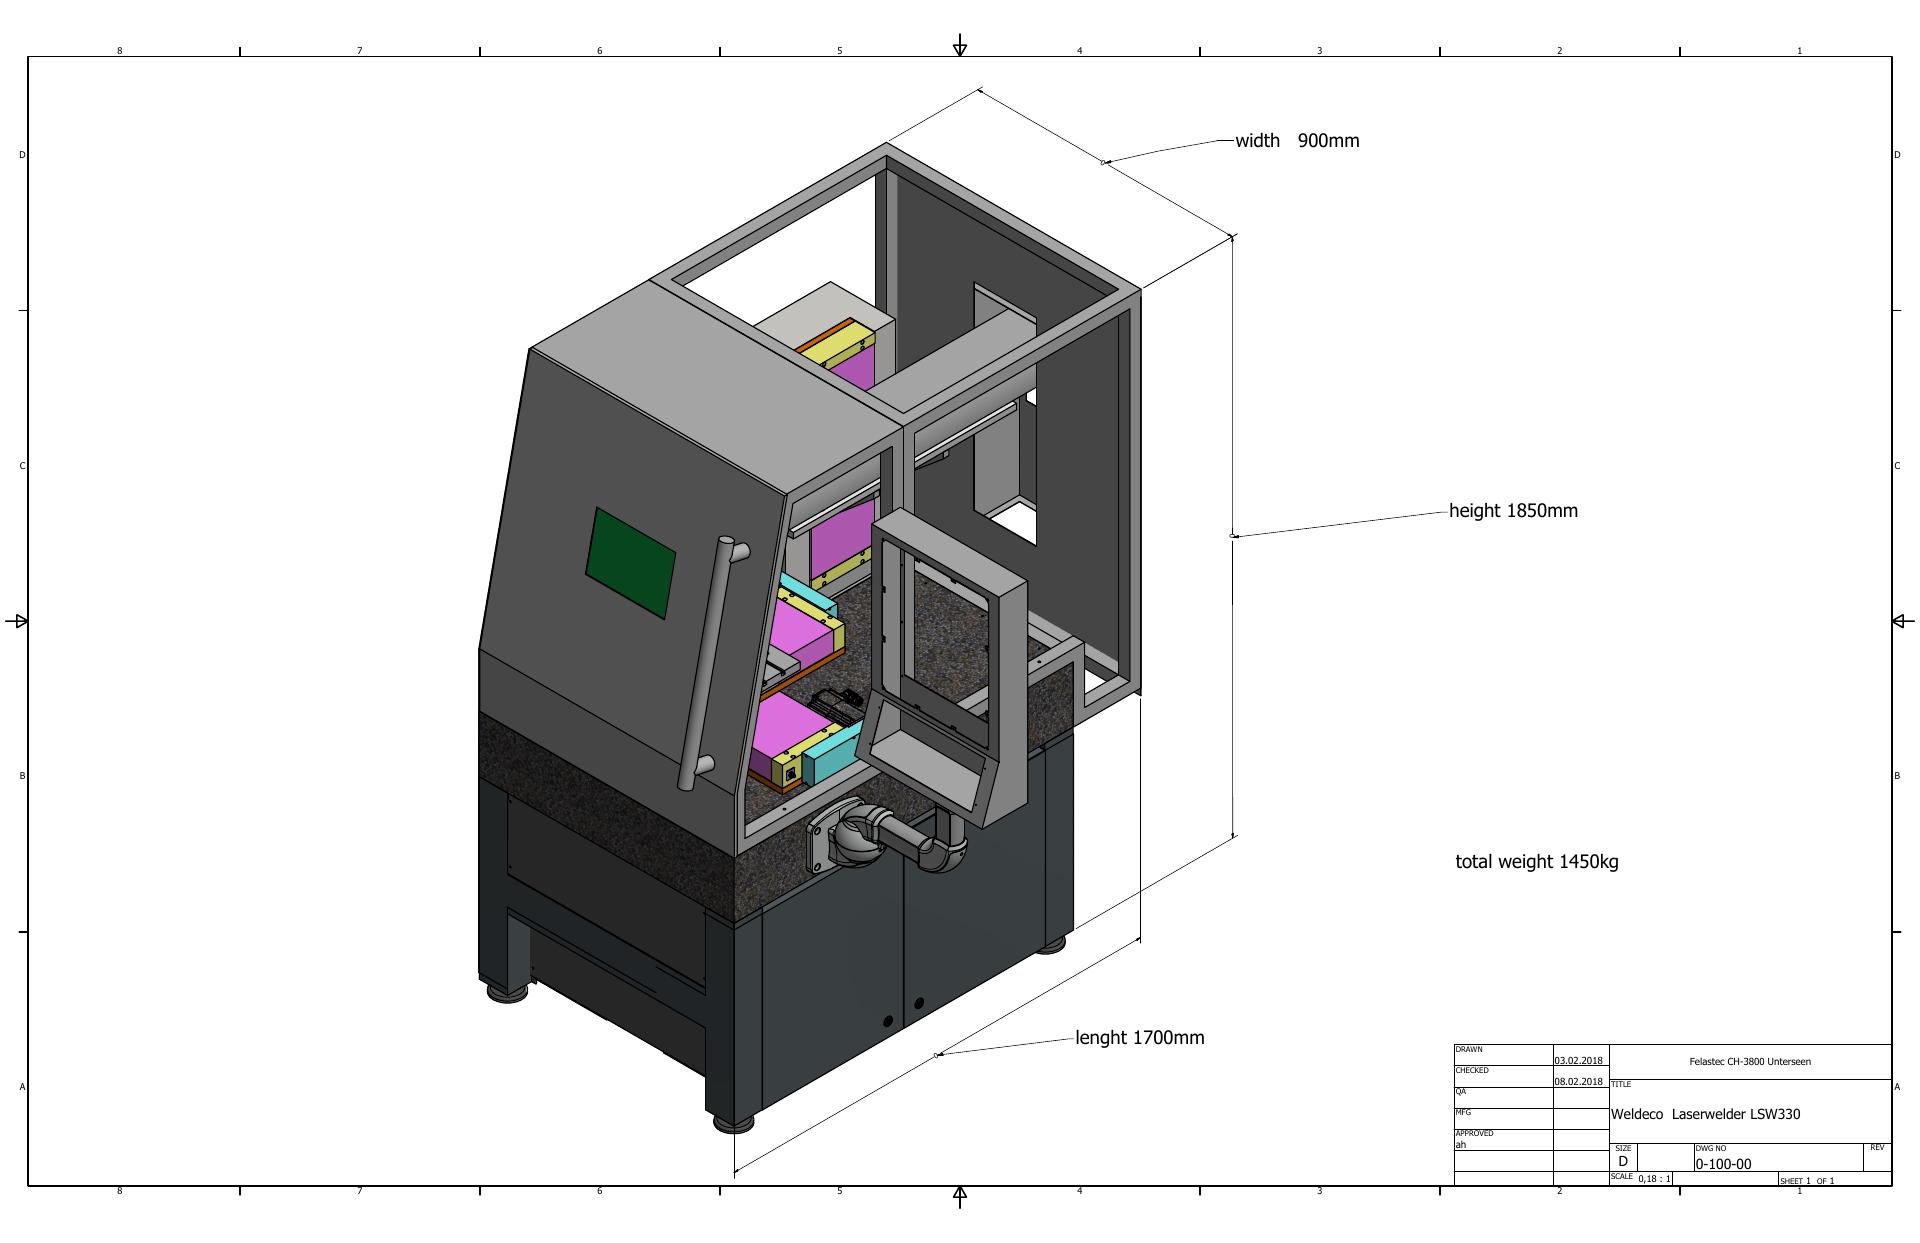 weldeco_sizes